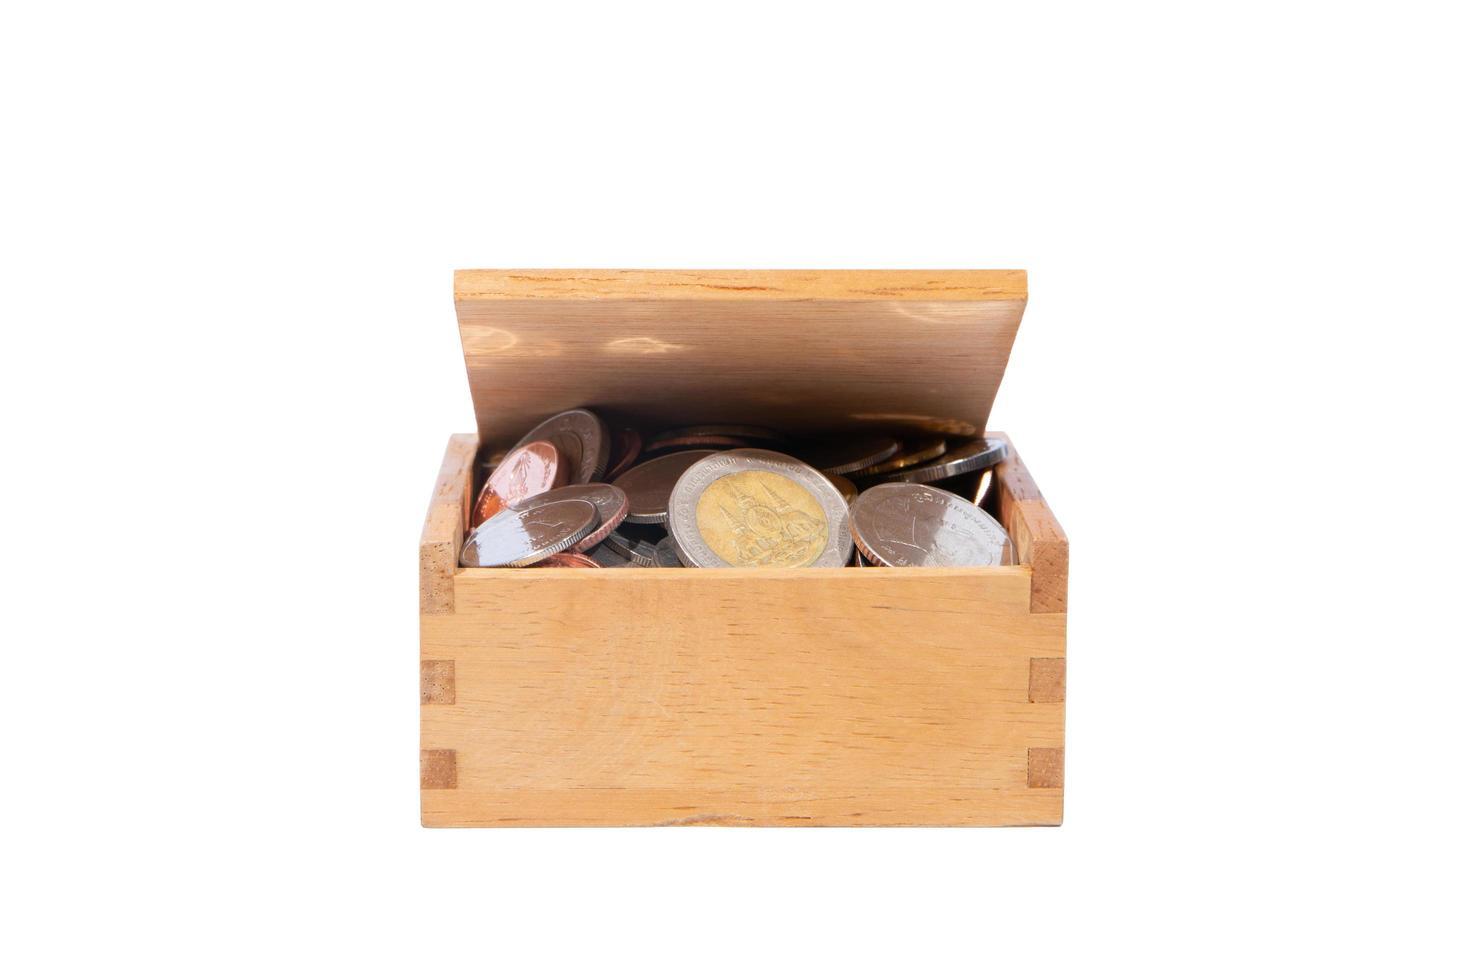 pièces de monnaie dans une boîte en bois photo